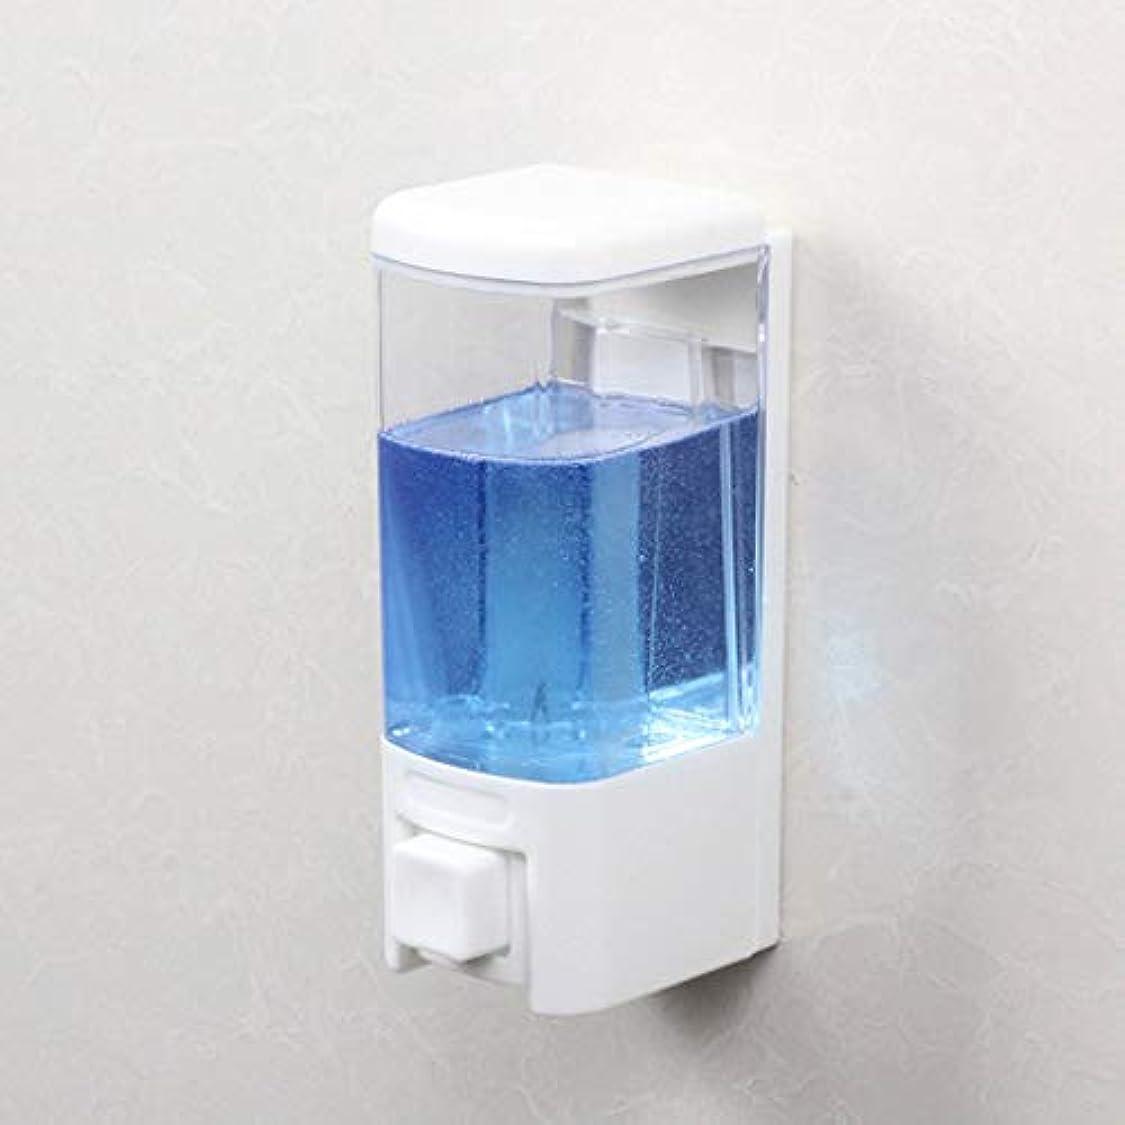 病気だと思う縮れた導体せっけん 浴室ソープディスペンサーホテル壁掛け風呂シングルヘッドソープマシンシャワージェルボックス漏れ防止手消毒剤ボトル 新しい